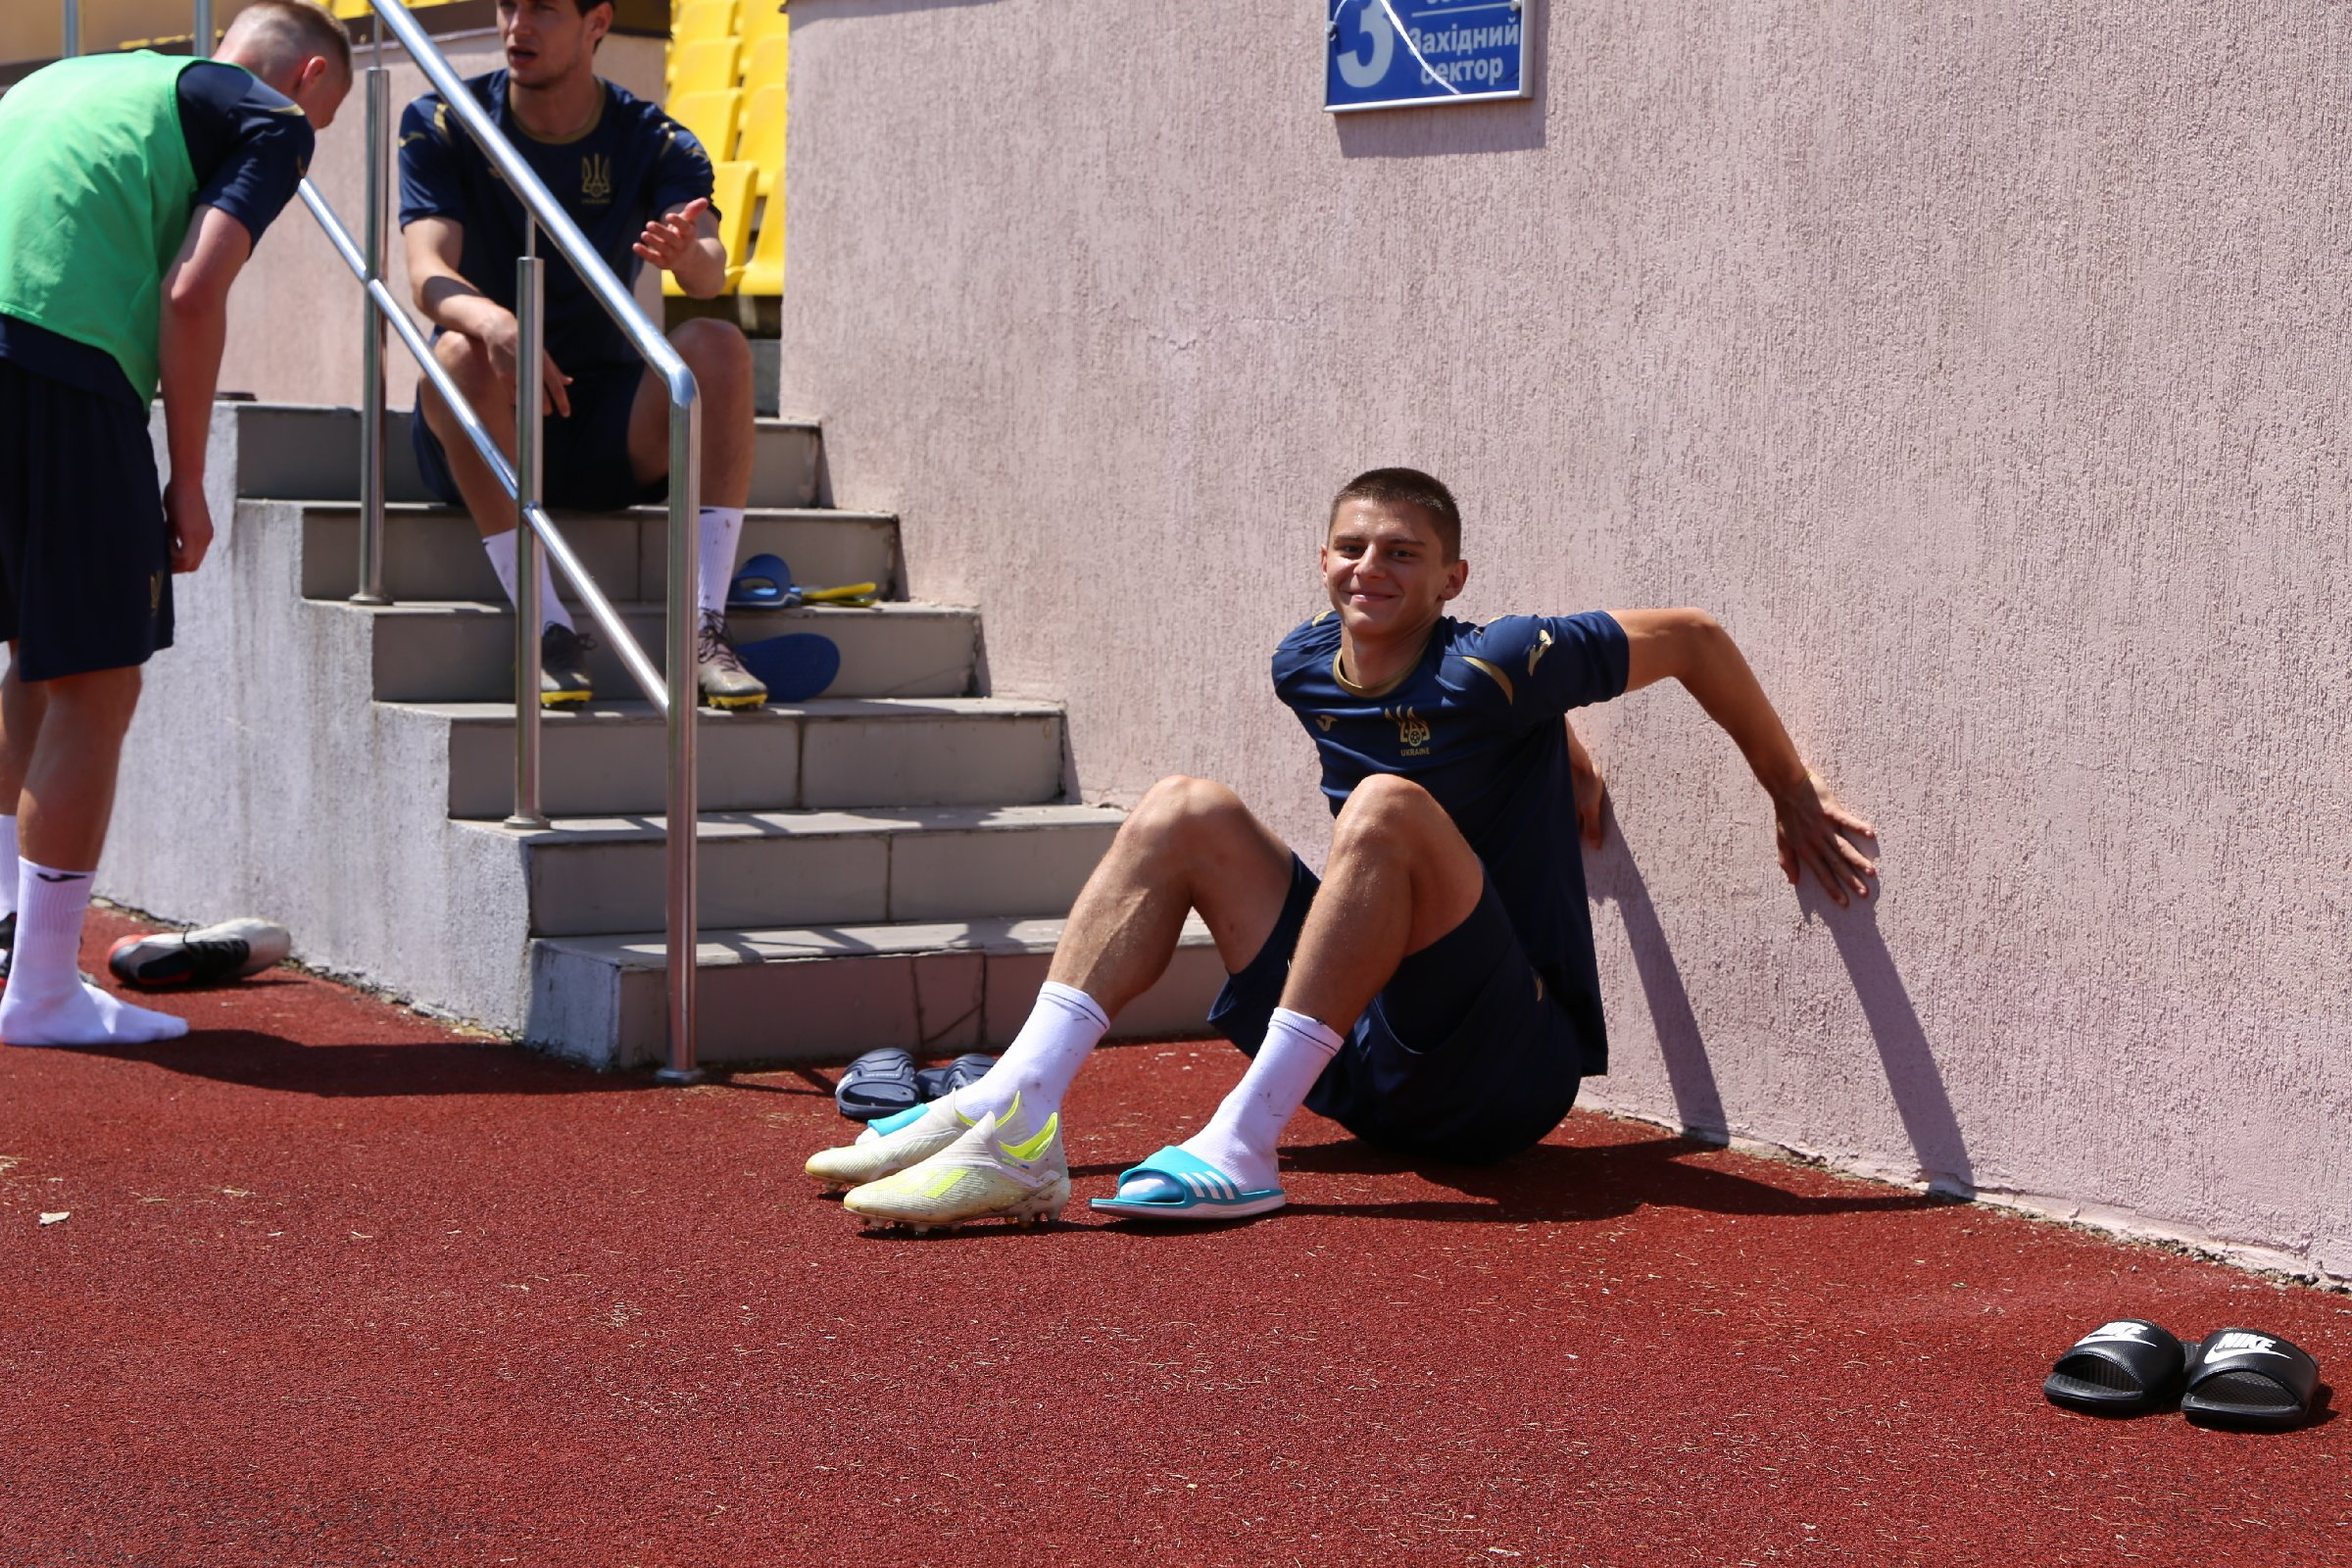 Збірна України: як пройшов перший день тренування у дворазовому режимі (Фото) - изображение 12